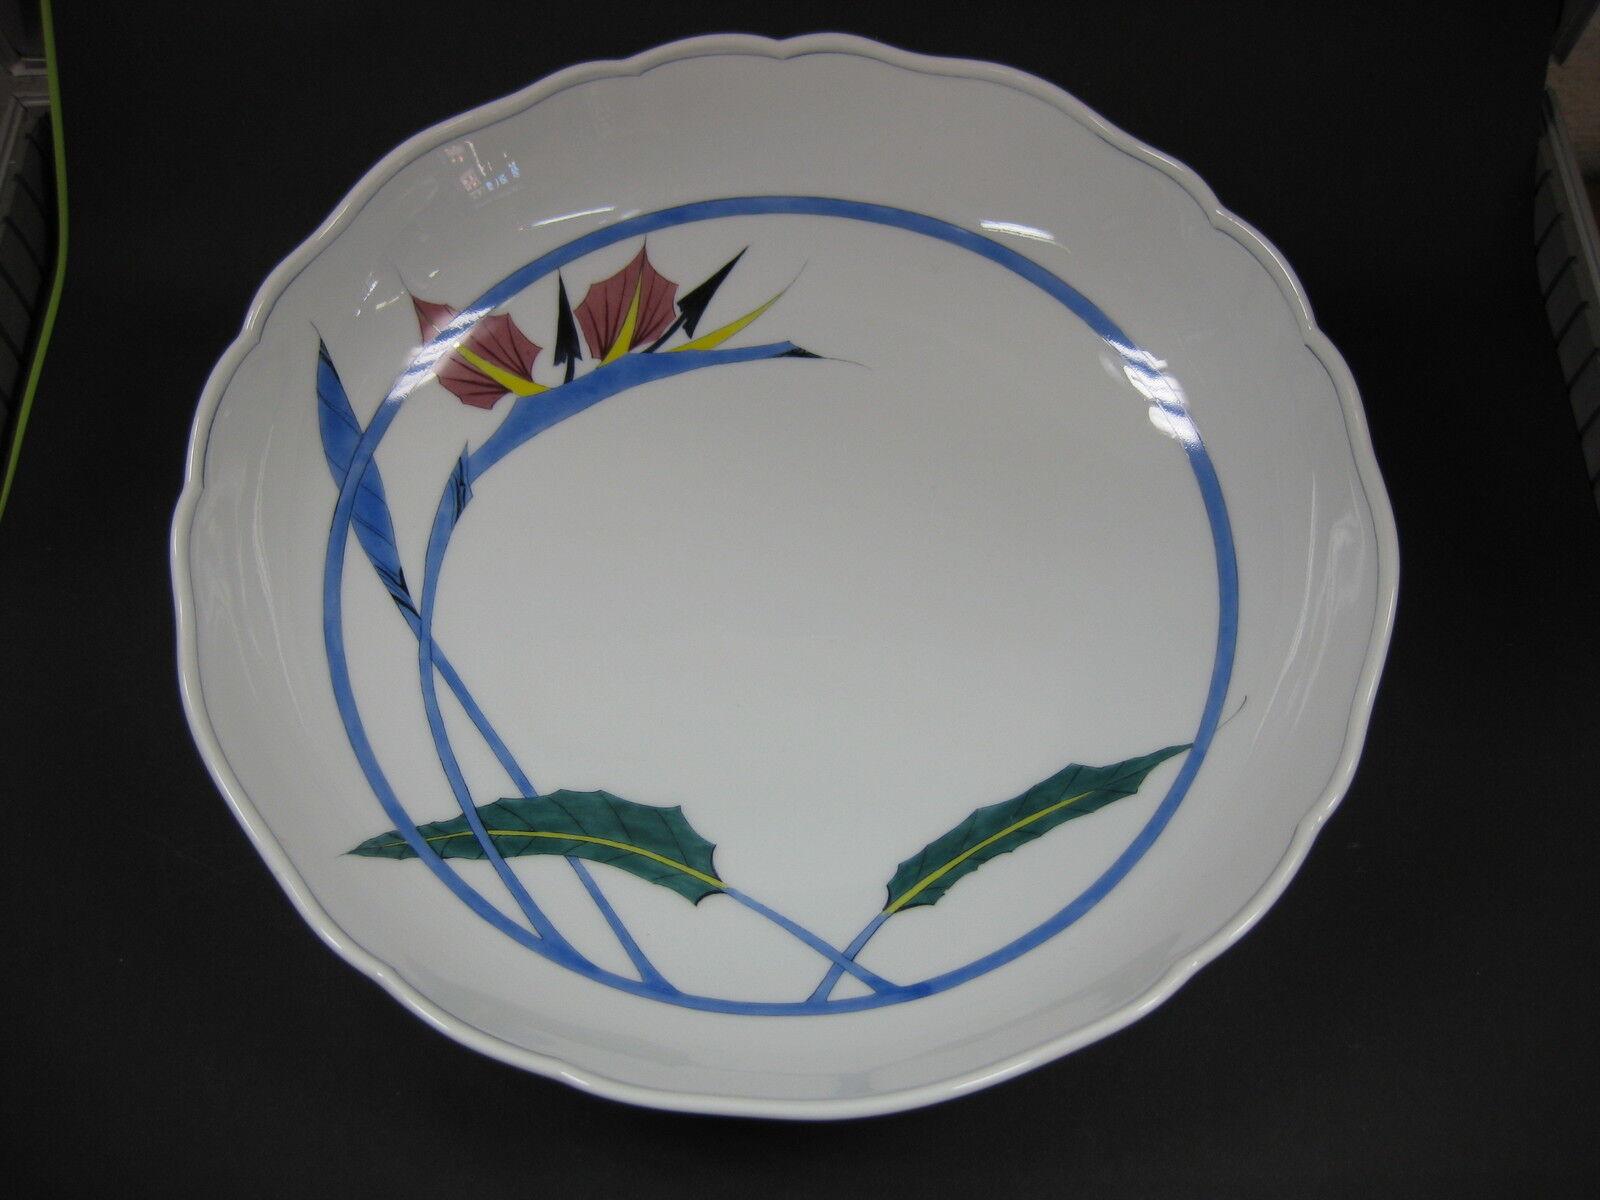 Meissen streletzia 701701 1 choix original bol Coque légumes style art déco